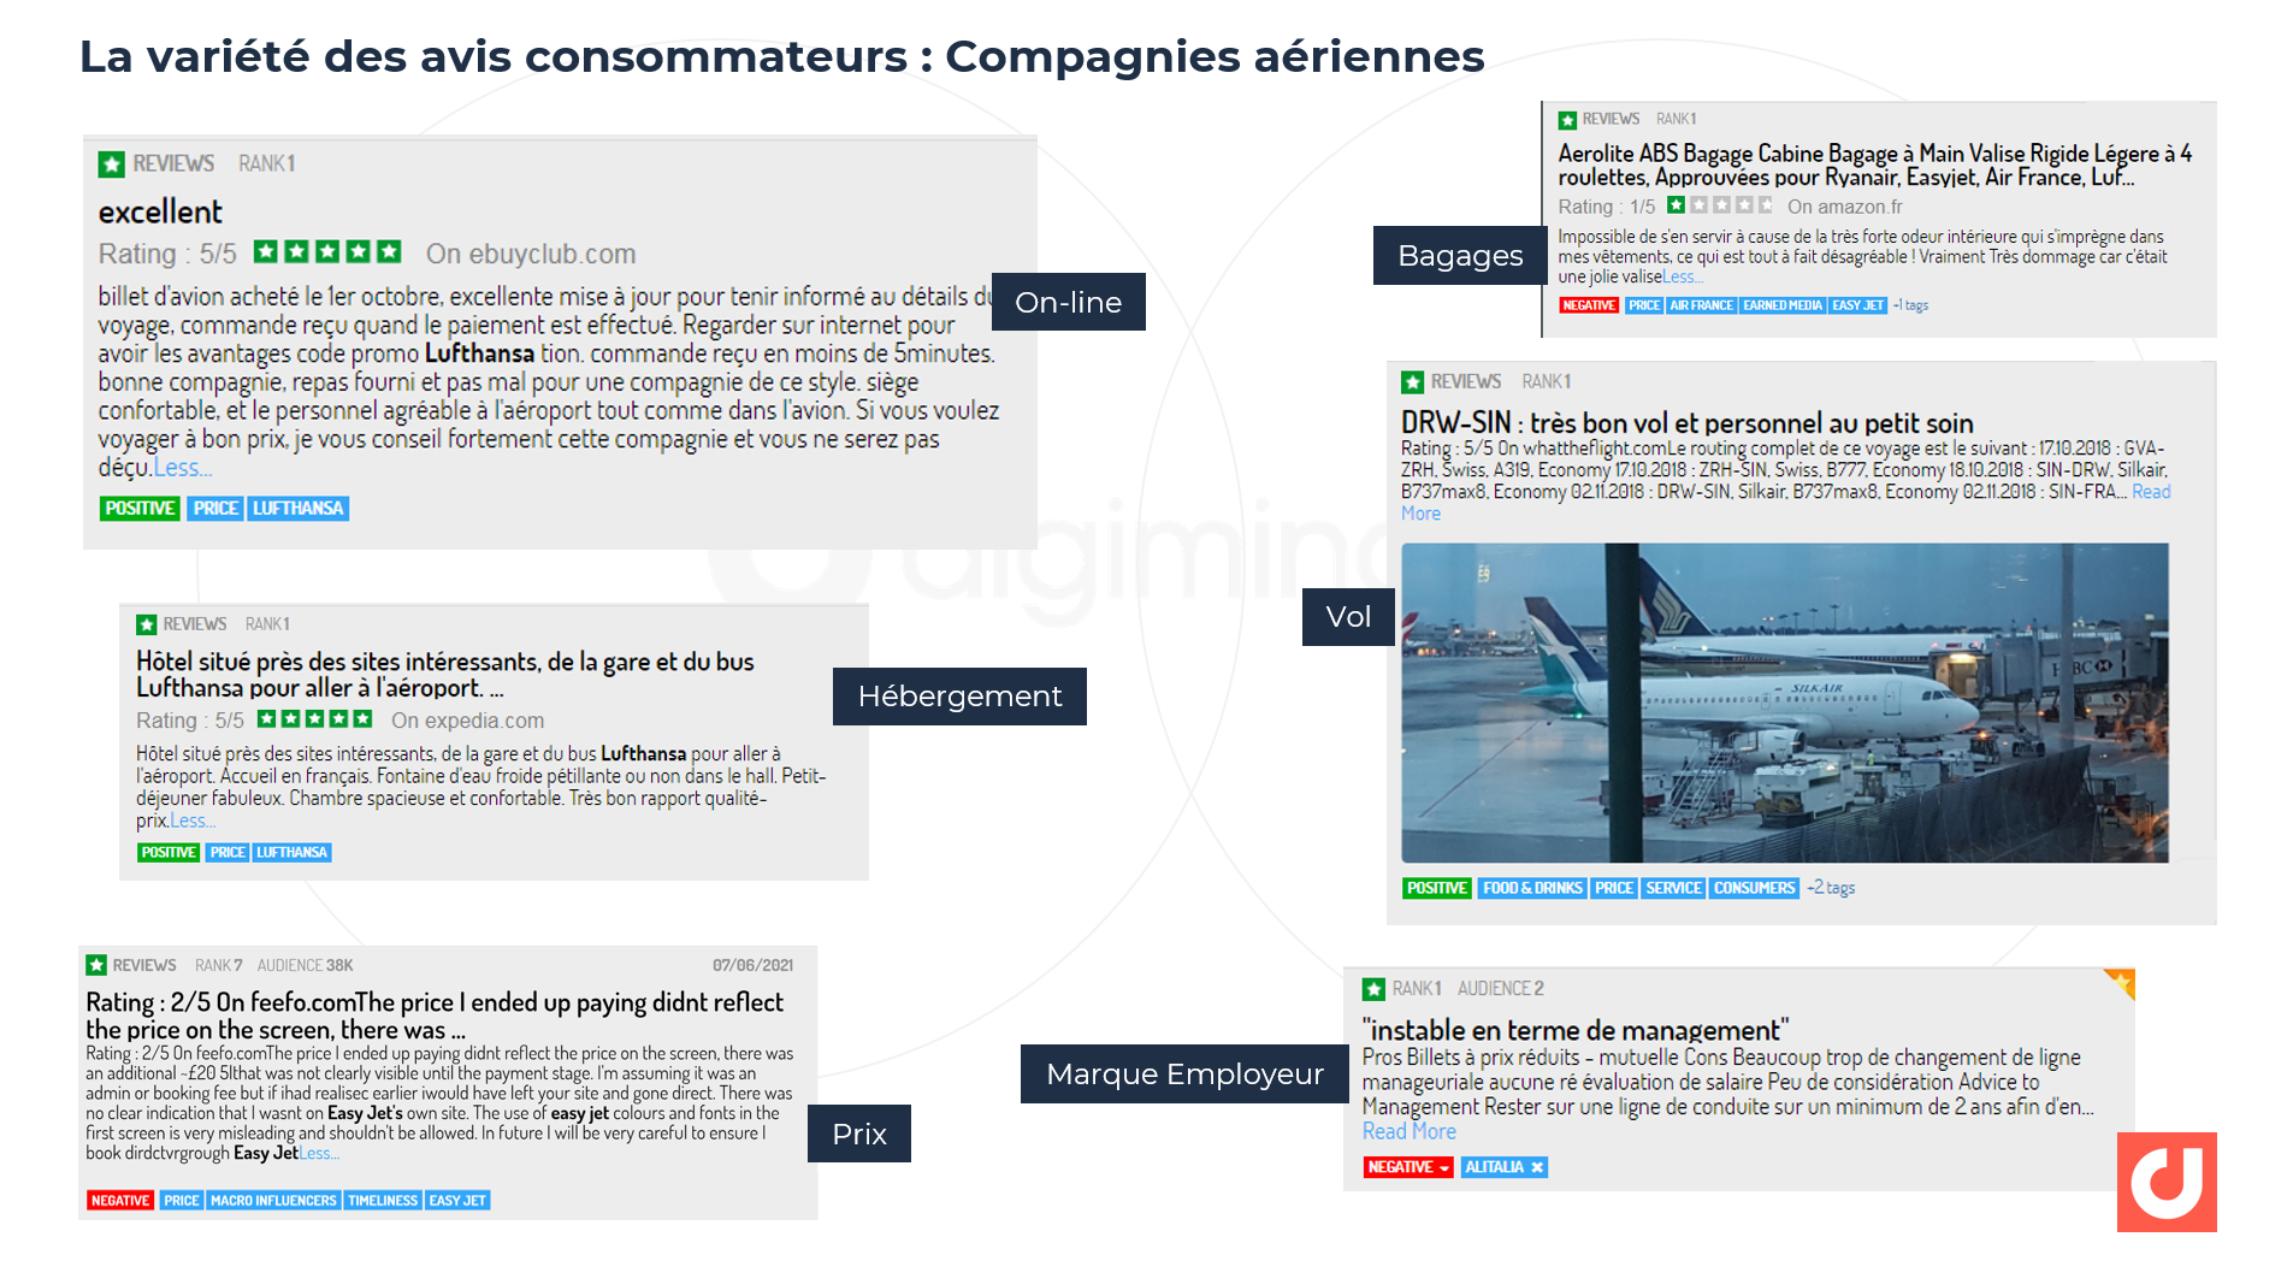 La variété des avis consommateurs : Compagnies aériennes